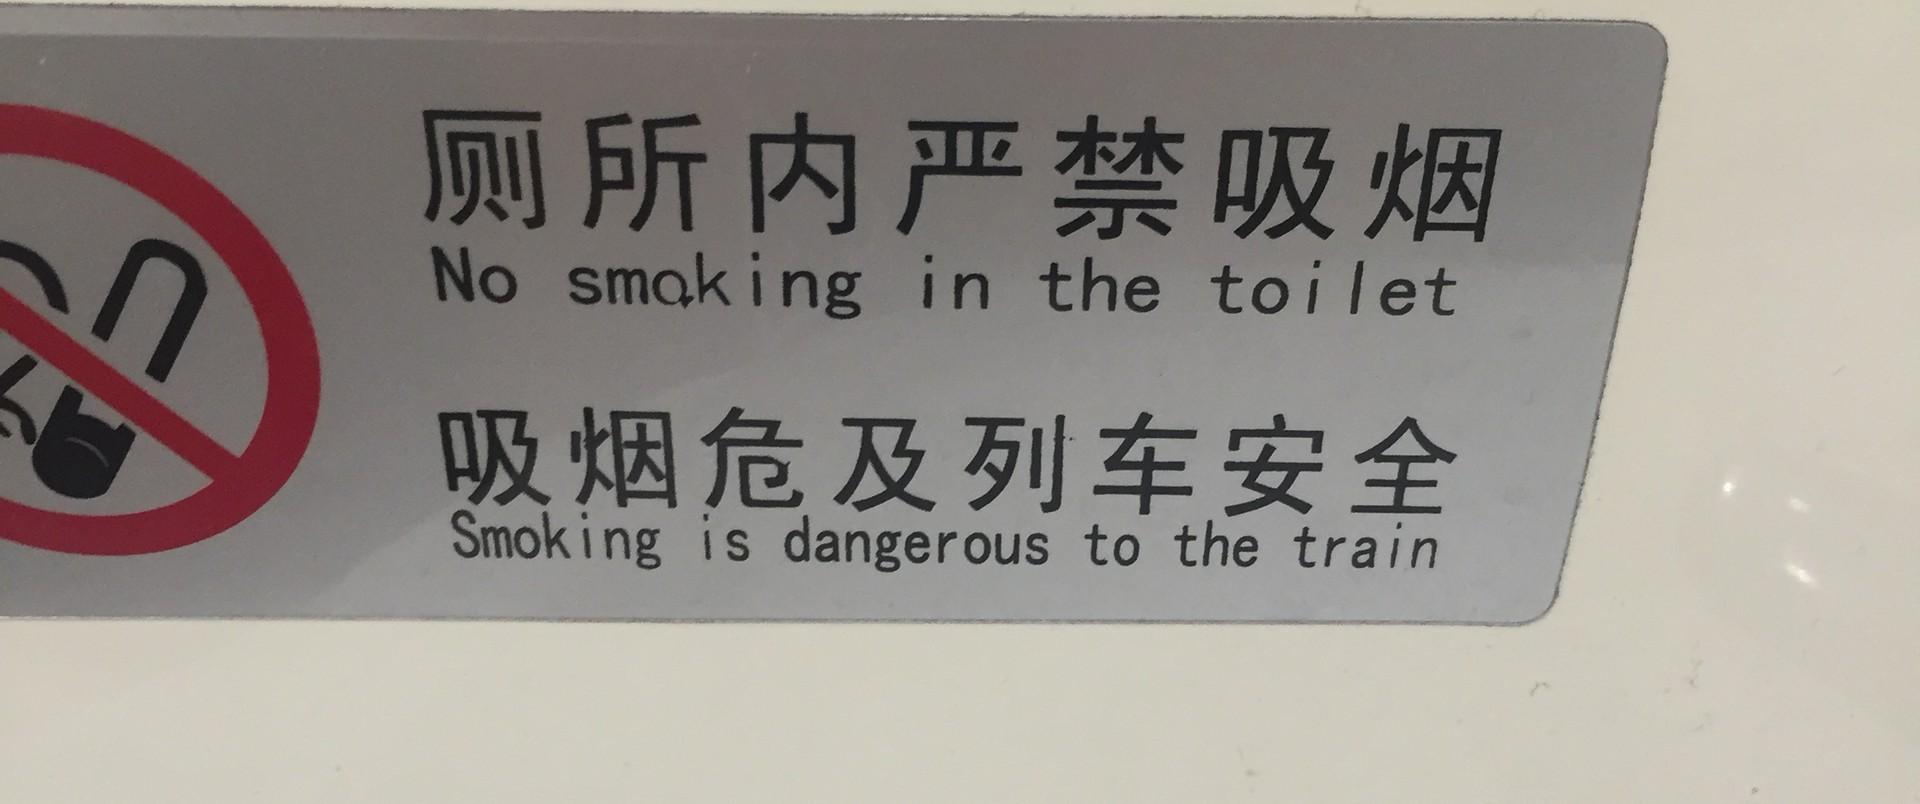 Chinglish, czyli język angielski w chińskim wydaniu